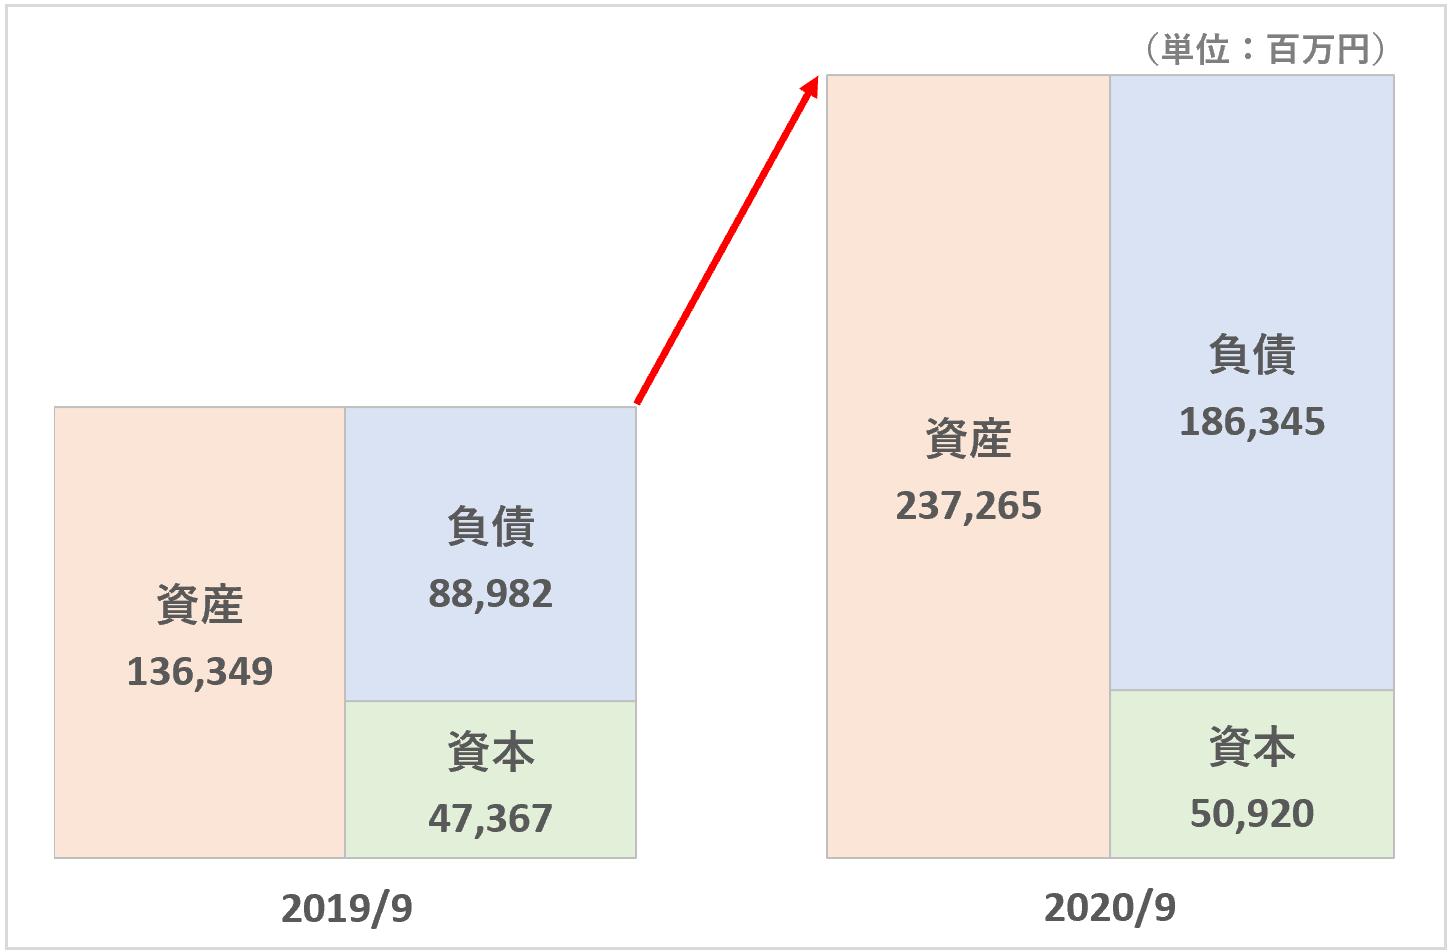 スシロー:使用権資産&リース負債による増加